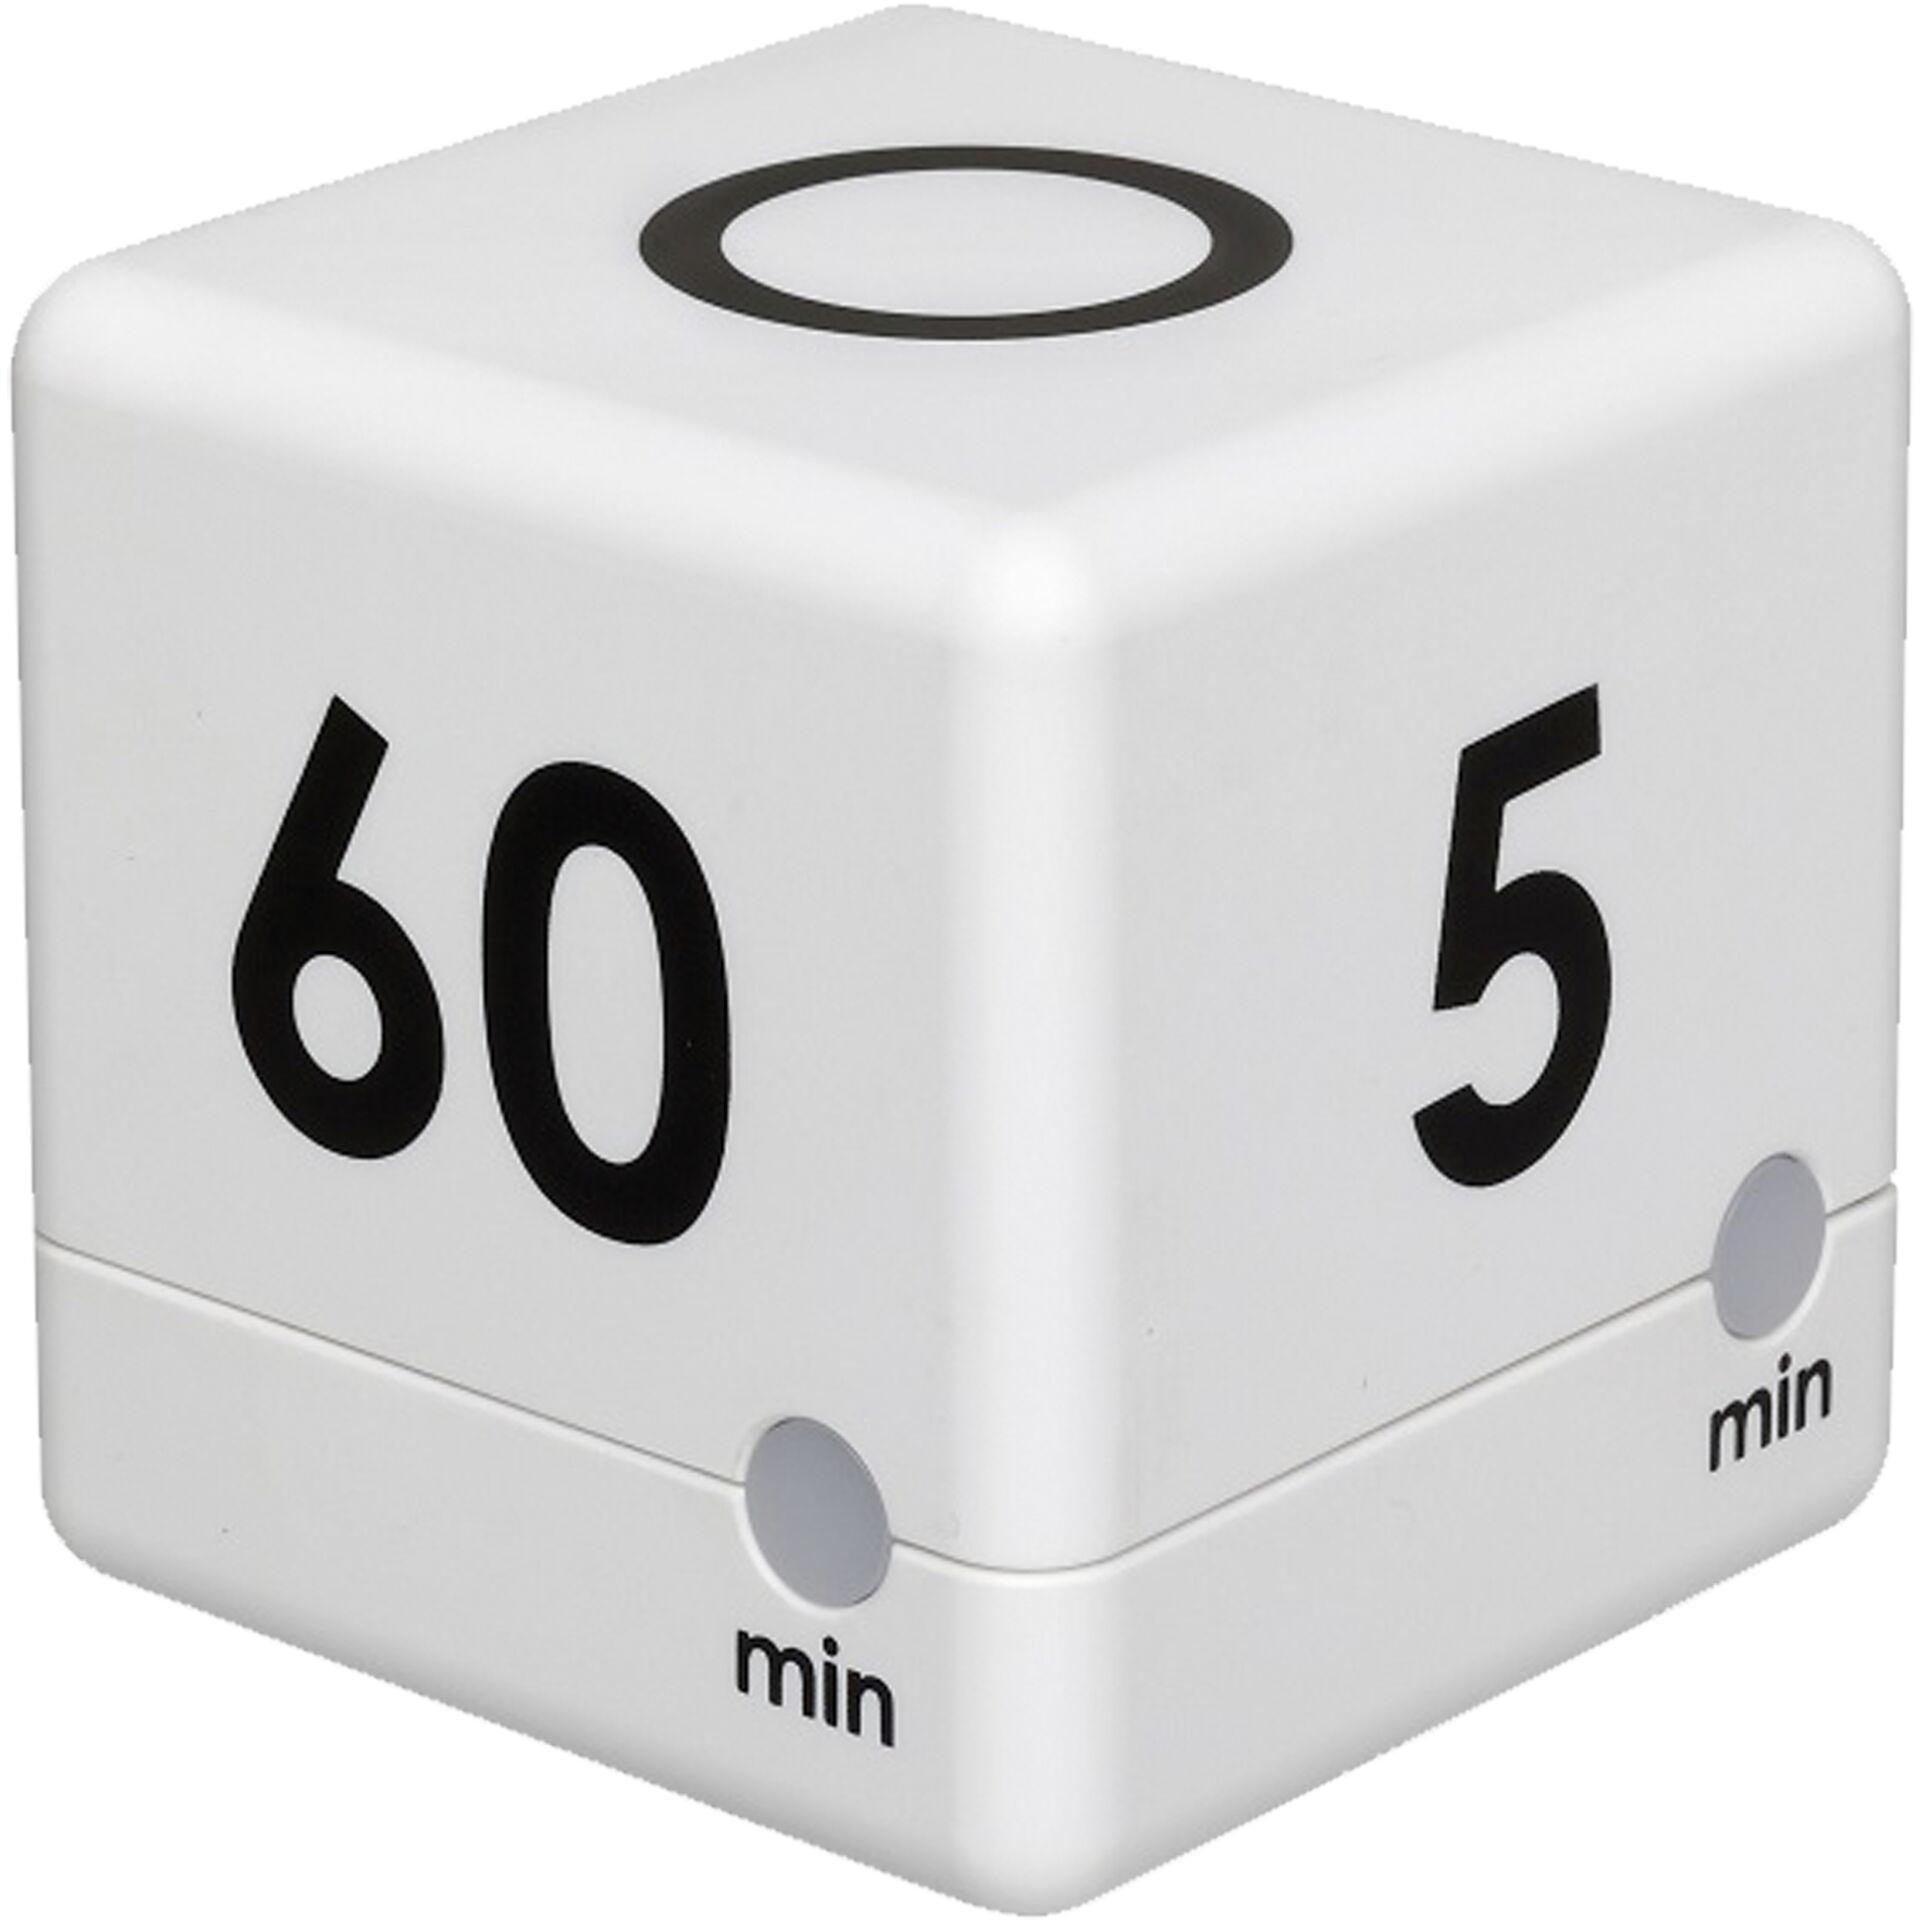 TFA 38.2032.02 Cube Timer Digitaler Würfel Time